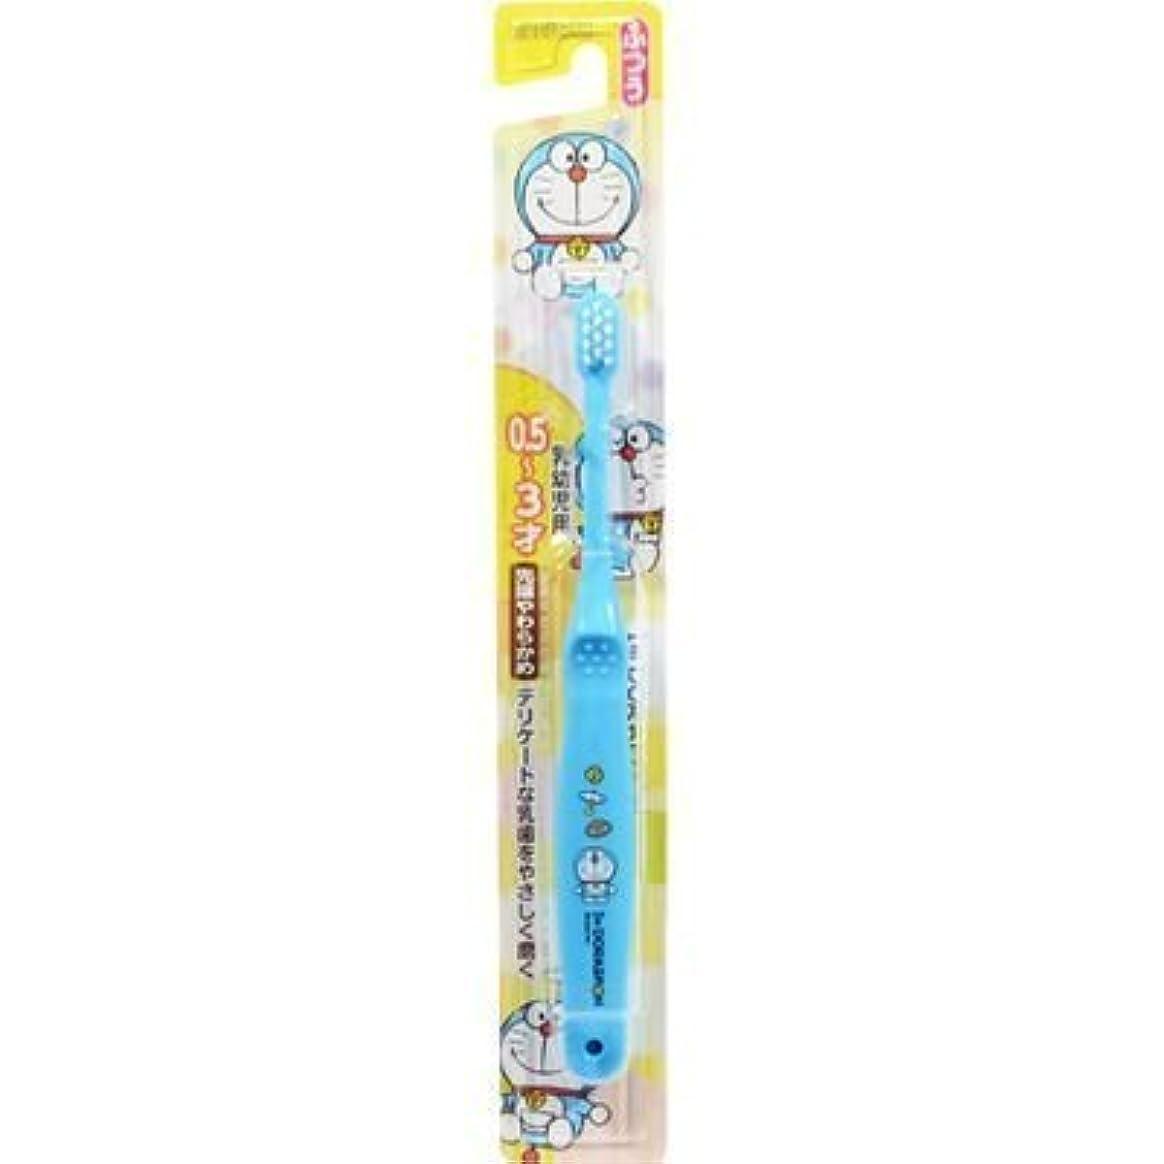 管理コミュニケーションシロクマエビス エビス アイムドラえもん歯ブラシ 0.5-3才 ふつう 色おまかせ E493407H